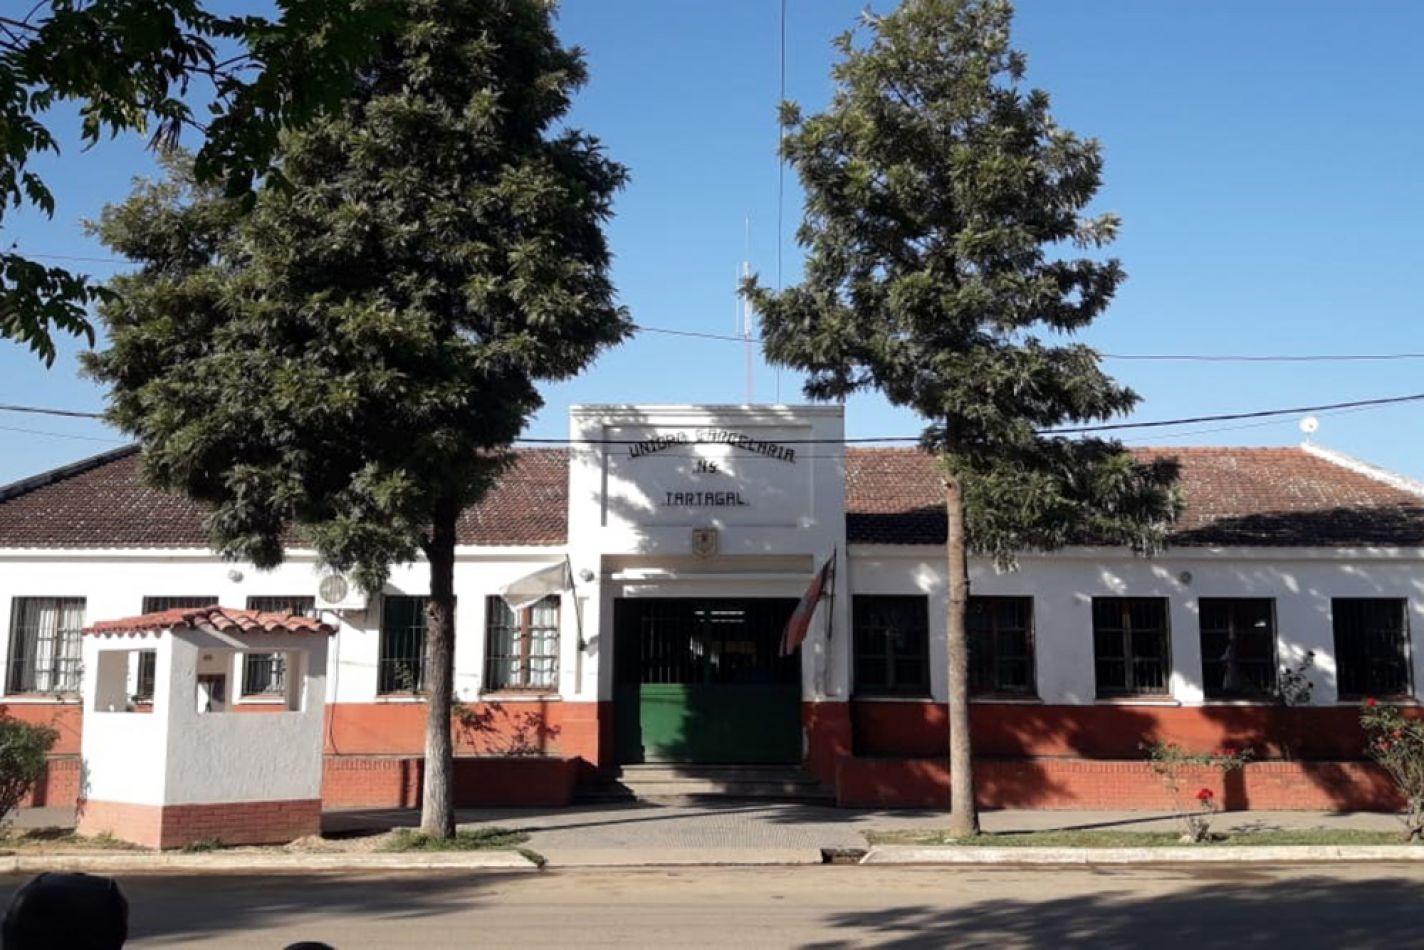 En resguardo sanitario de la población penal se suspenden las visitas en las unidades carcelarias de Tartagal